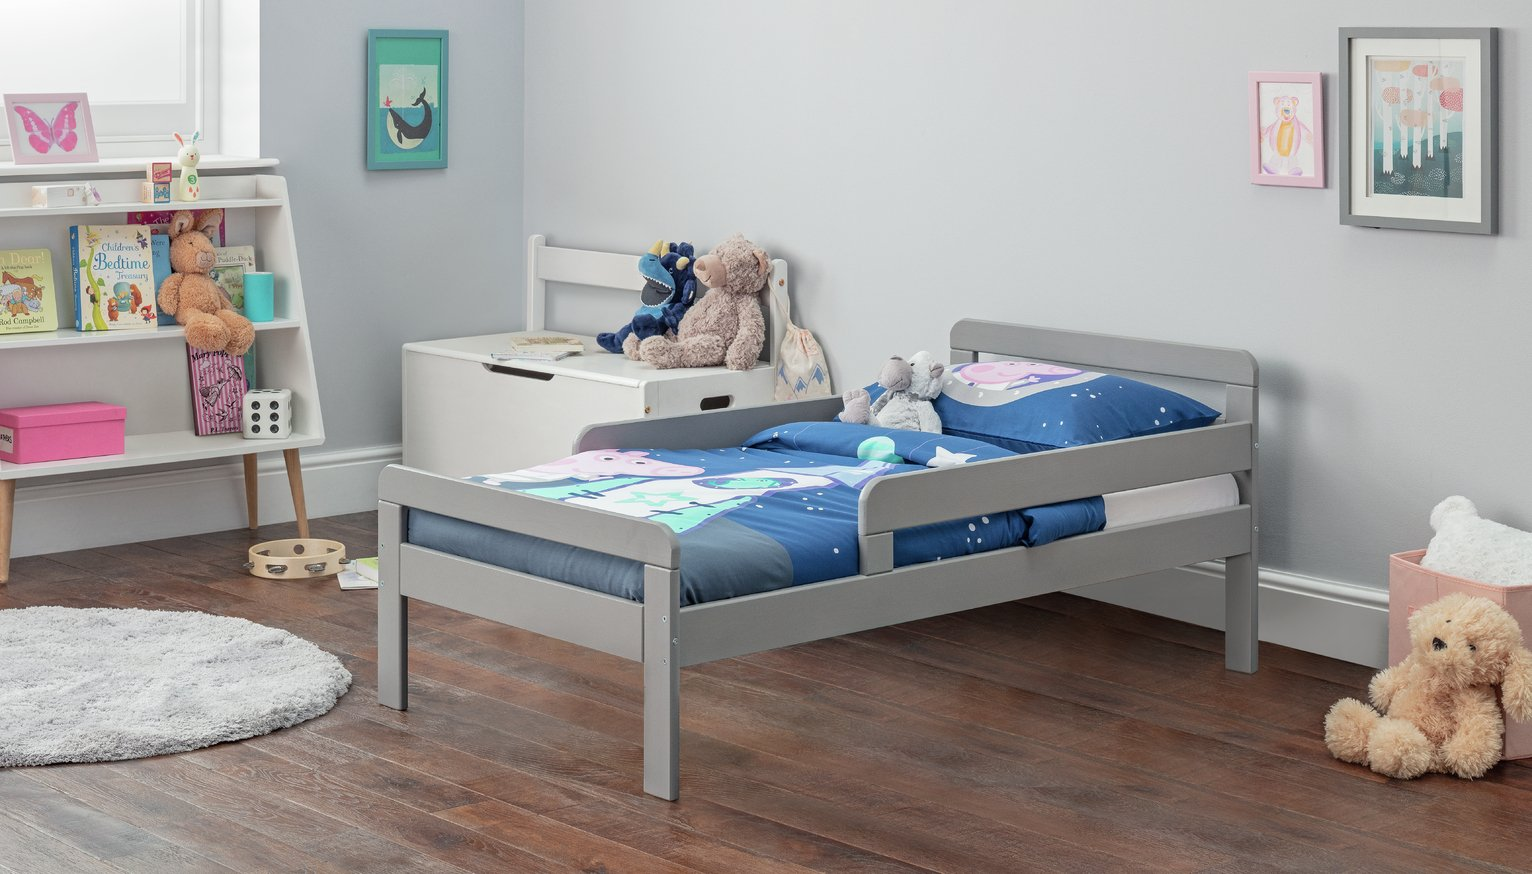 Argos Home Ellis Toddler Bed and Kids Mattress - Grey